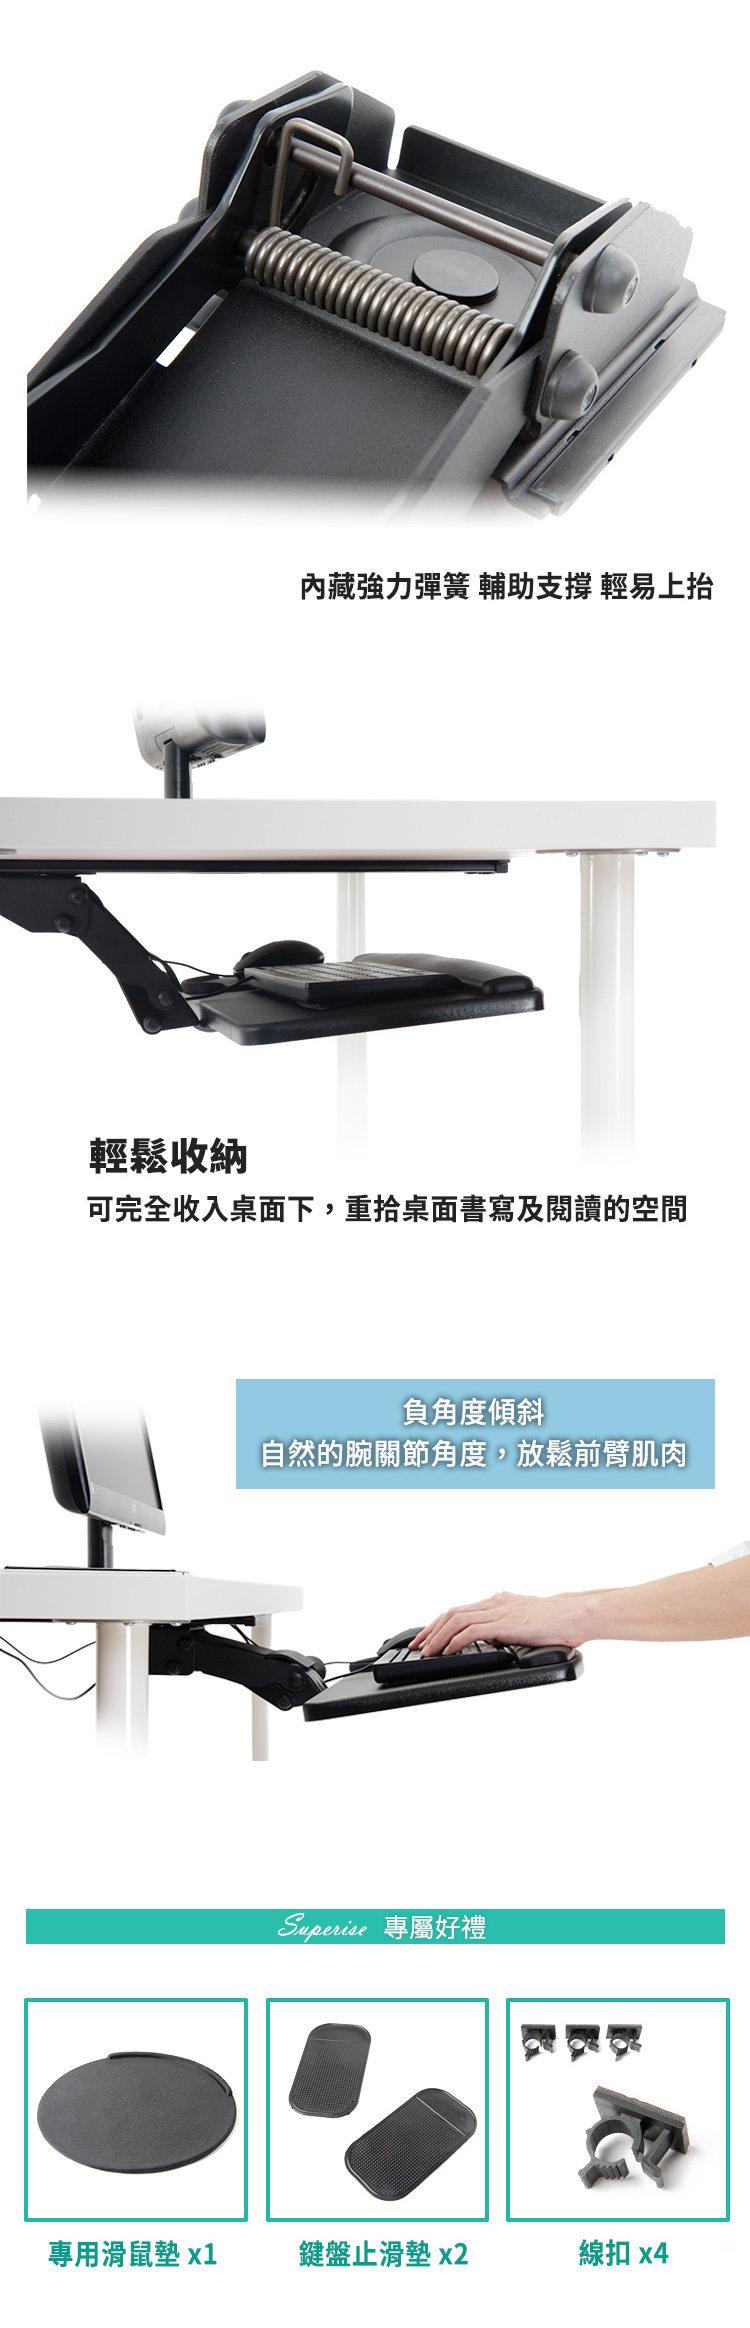 網路好評大推薦。 鍵盤架內藏彈簧,輔助支撐。 可完全收納至桌面下,輕鬆便利